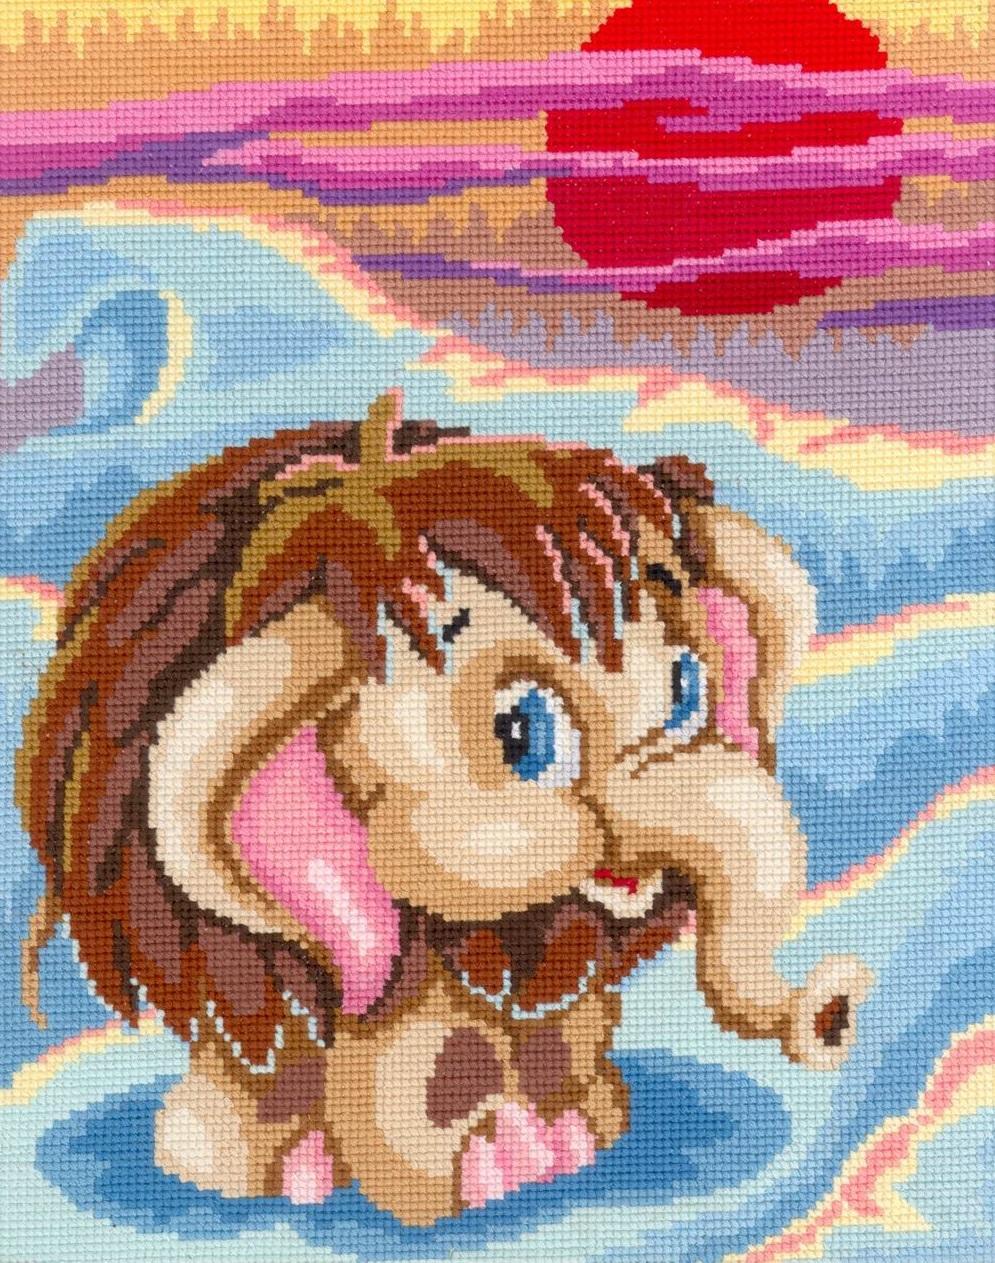 Вышитый крестиком персонаж из любимого мультфильма очень обрадует вашего малыша